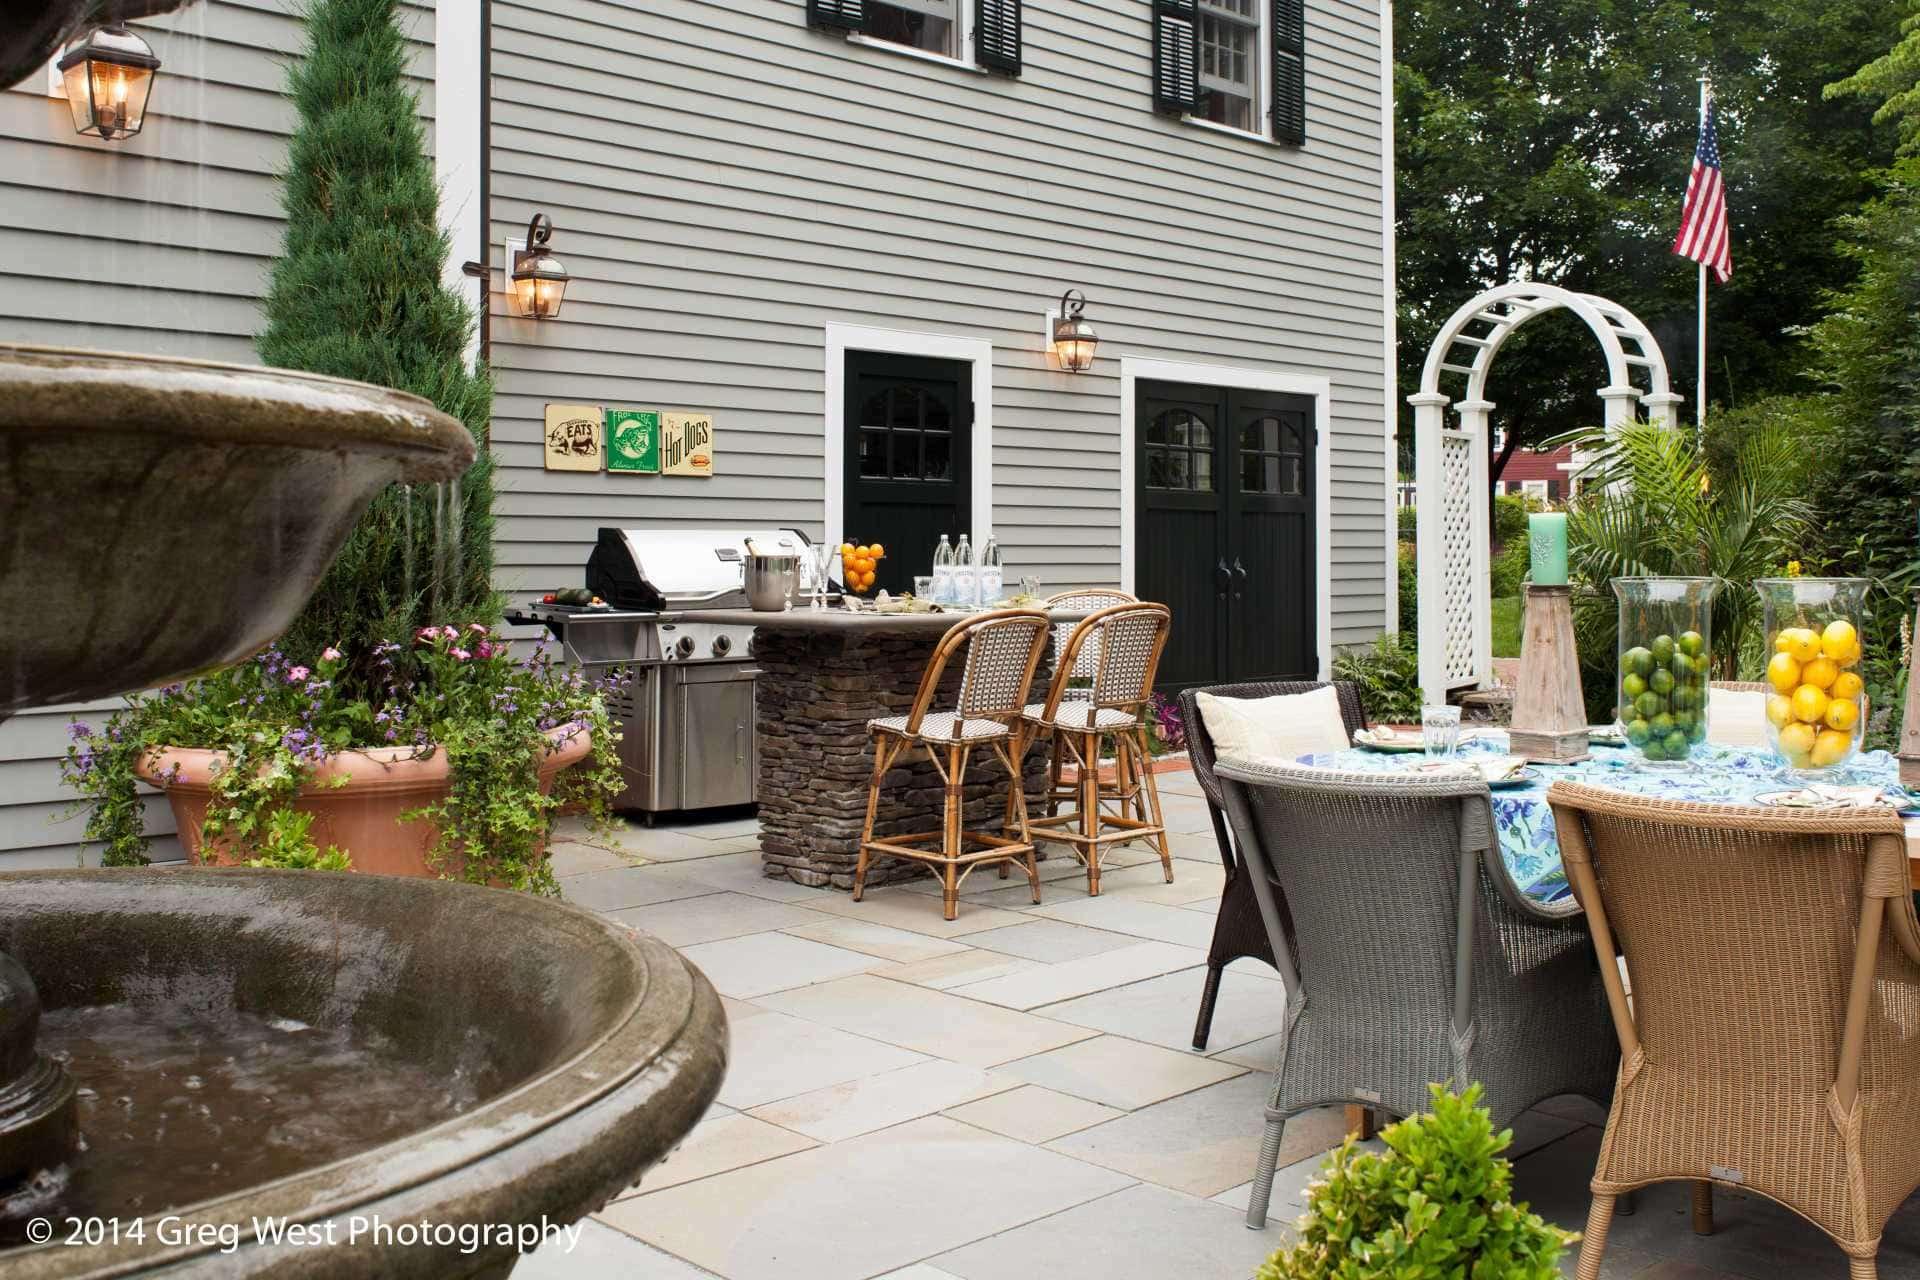 Second home interior designs in new hampshire portfolioc for Interior designers hampshire